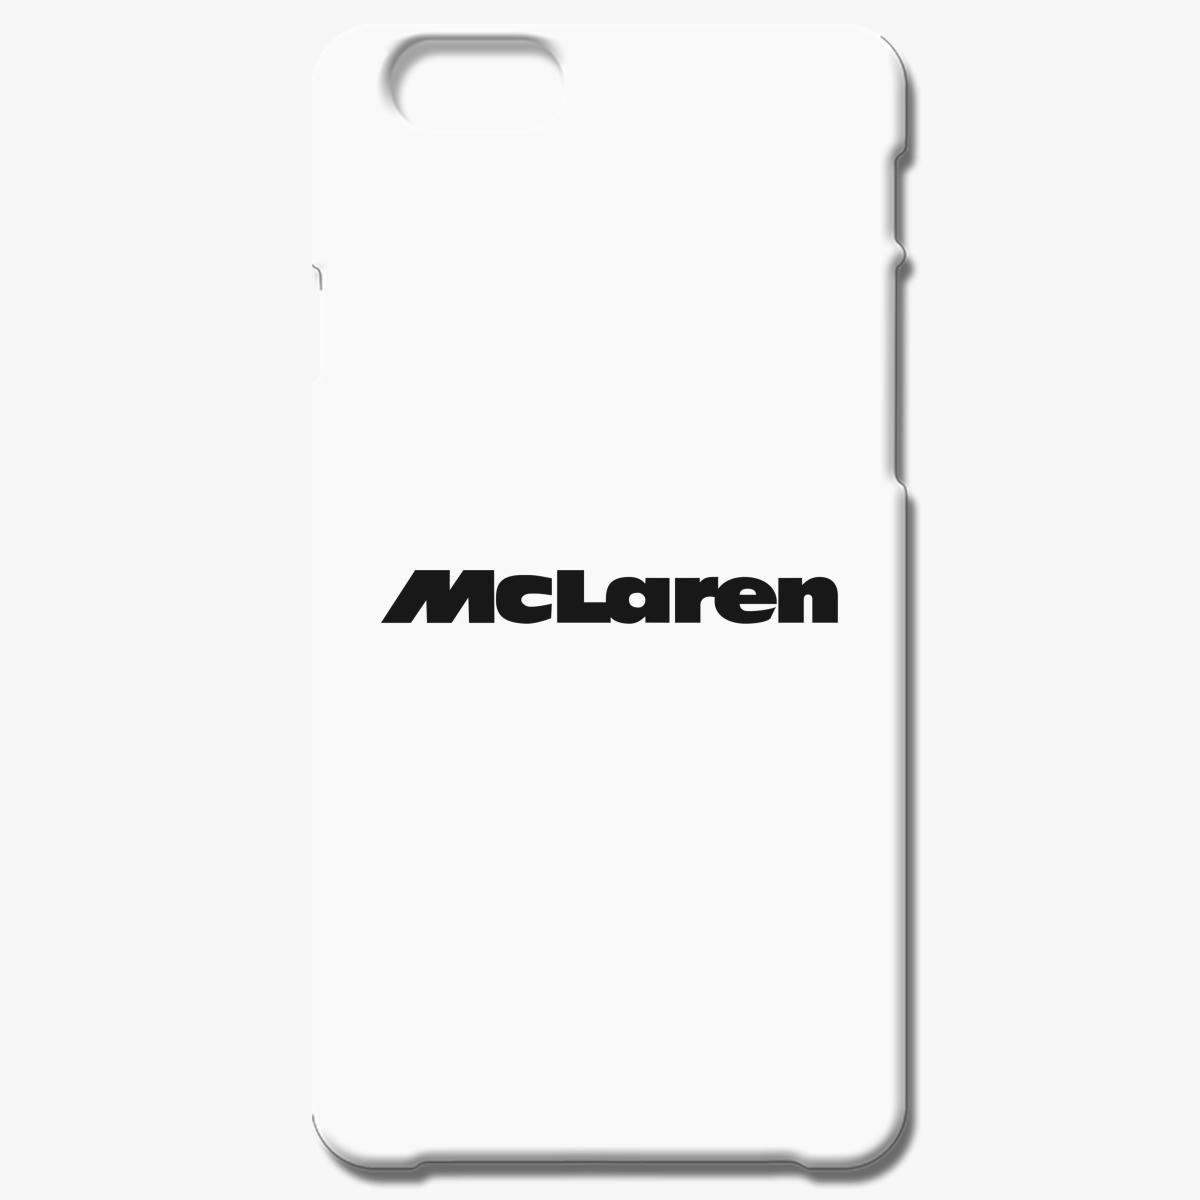 Mclaren Logo Iphone 6 6s Plus Case